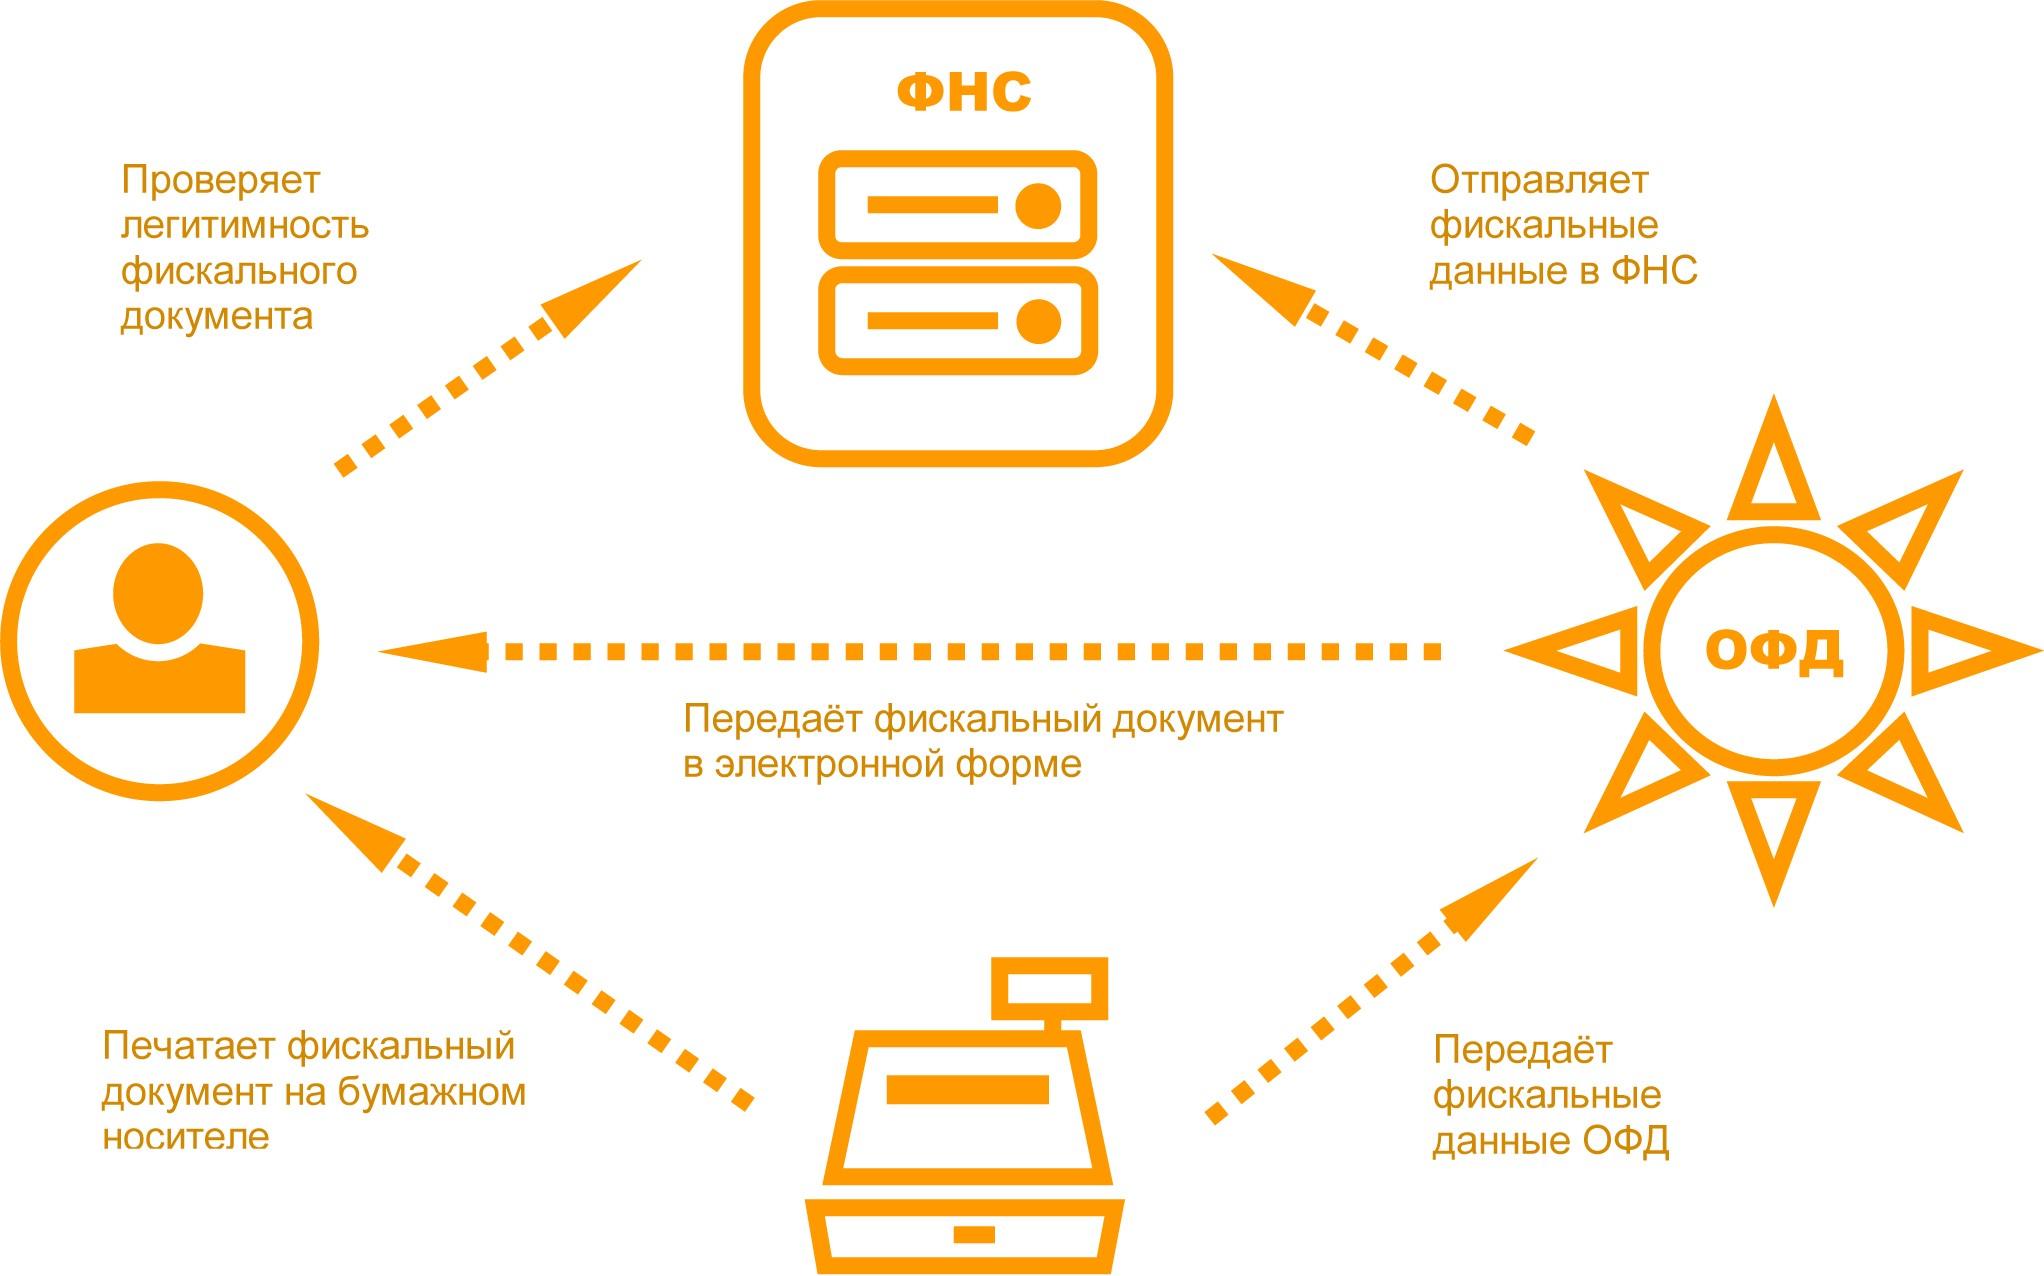 Применение онлайн касс плательщиками ЕНВД ПСН и другими  В качестве иллюстрации можно представить процесс функционирования онлайн касс при помощи такой простой схемы